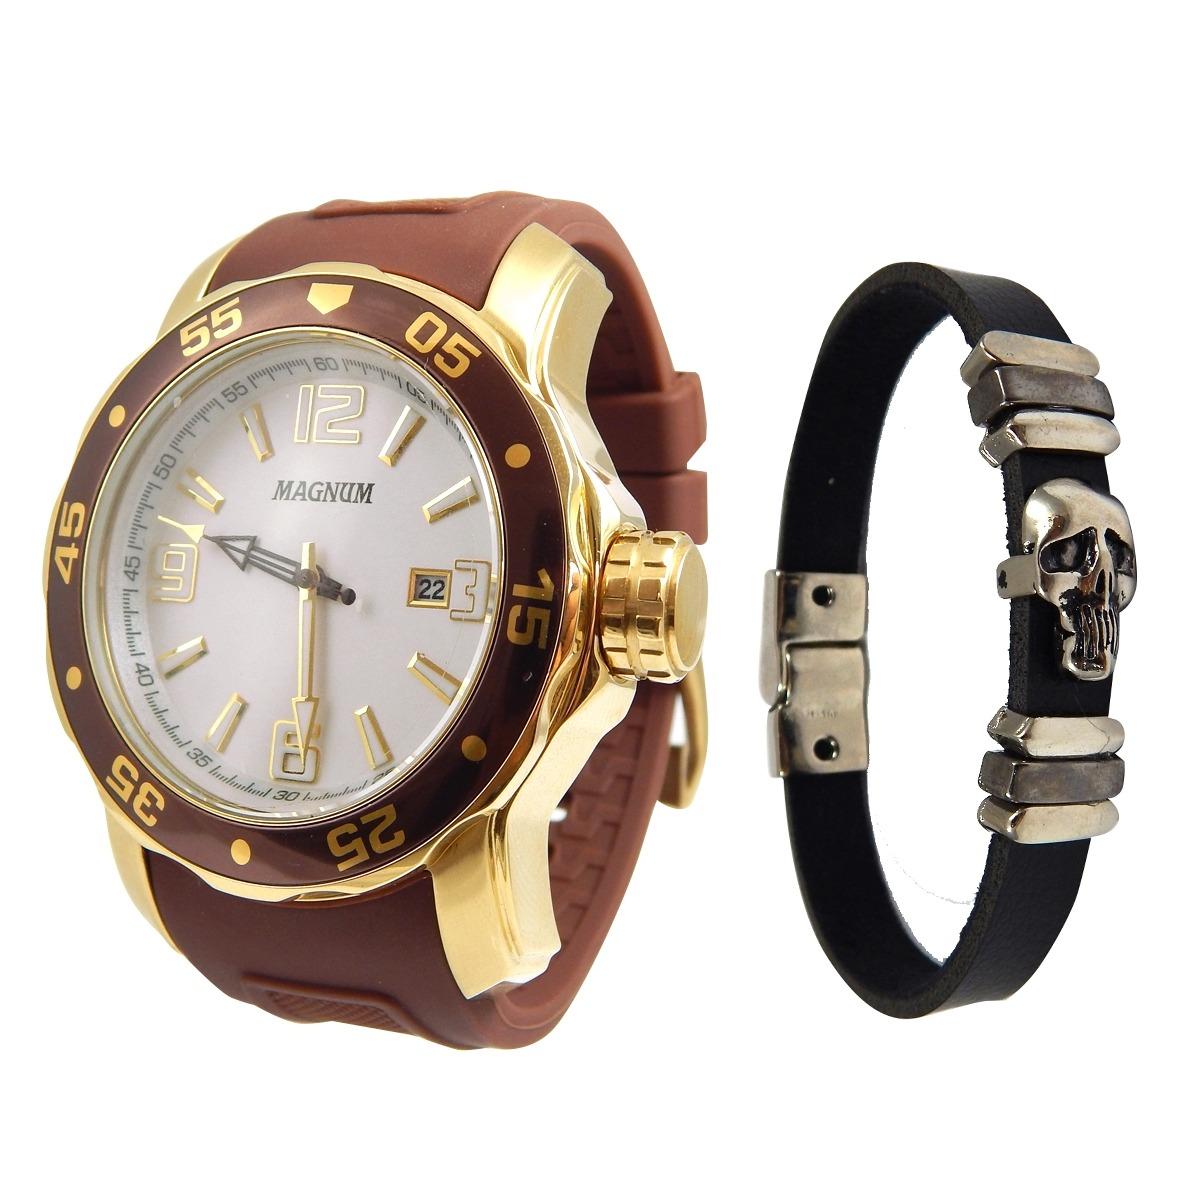 f9b5a7eb31 relogio masculino magnum marrom kit com pulseira de couro ma. Carregando  zoom.